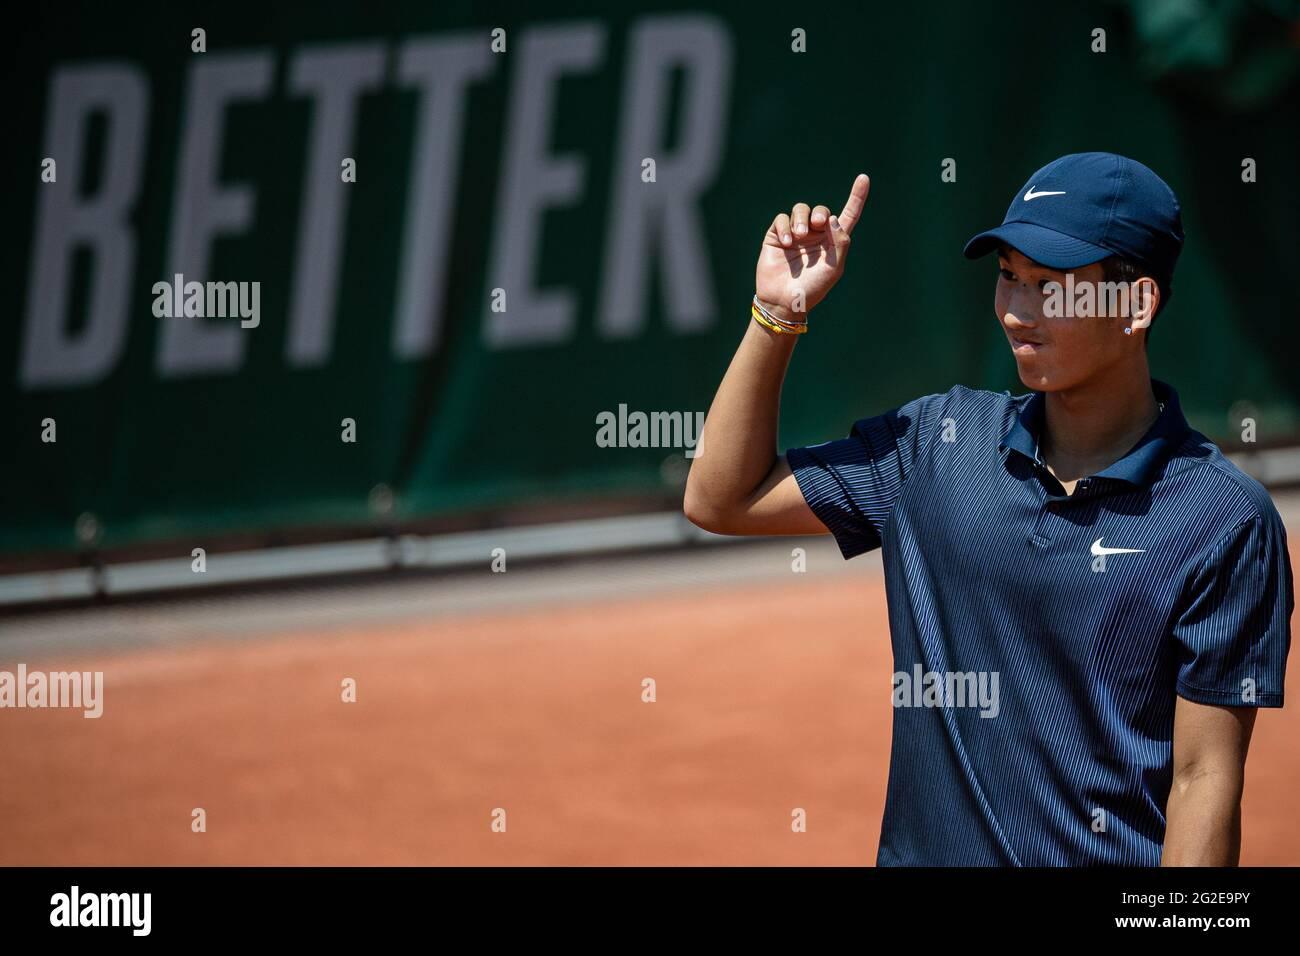 París, Francia. 10th de junio de 2021. Shang Juncheng, de China, reacciona durante el partido de quarterfinal de singles entre Shang Juncheng, de China, y Sean Cuenin, de Francia, en el torneo de tenis del Abierto de Francia en Roland Garros, en París, Francia, el 10 de junio de 2021. Crédito: Aurelien Morissard/Xinhua/Alamy Live News Foto de stock